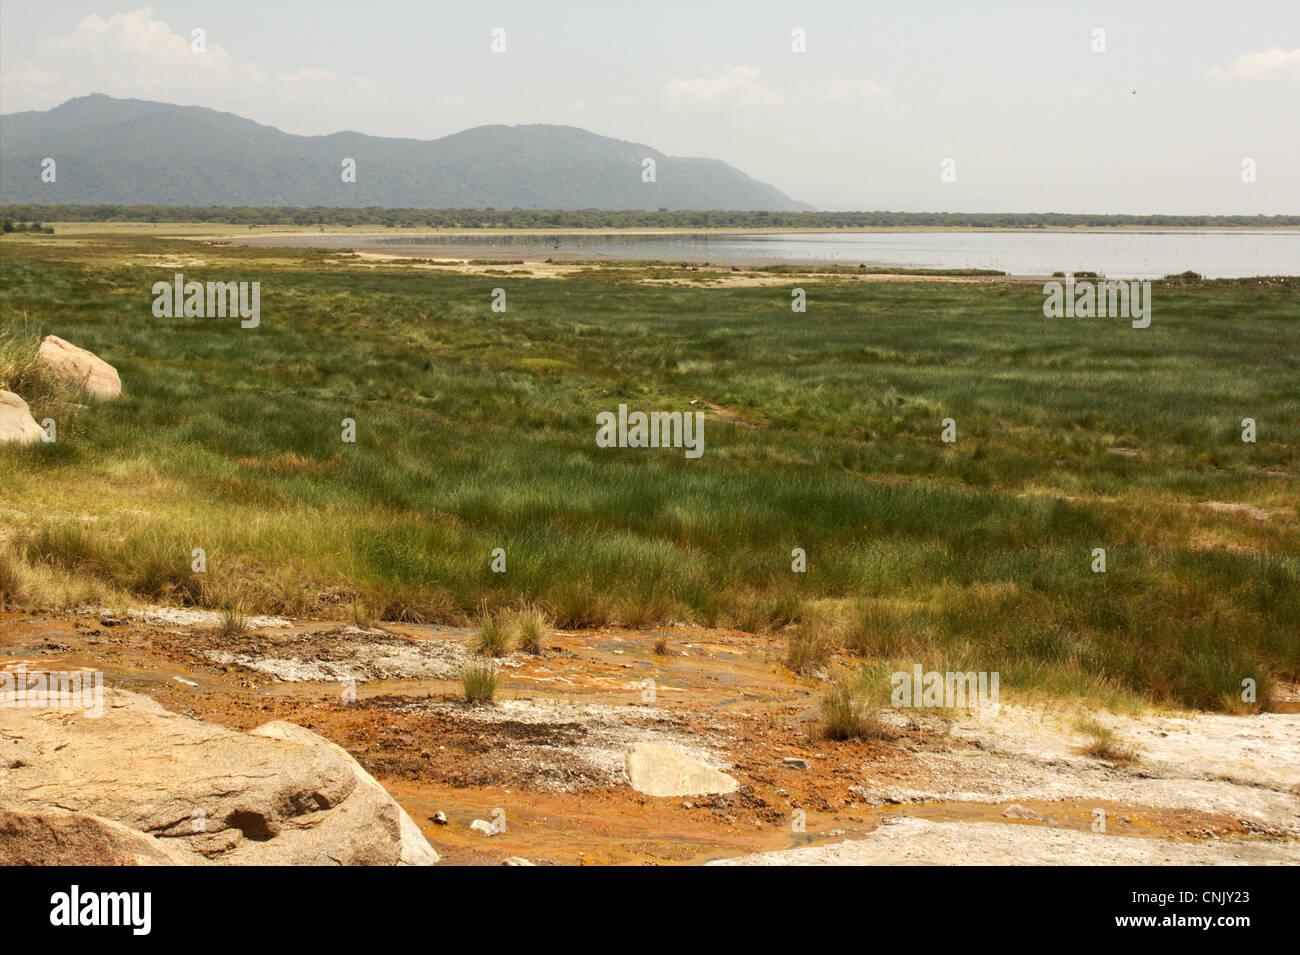 Shore of lake Manyara (National Park), Tanzania - Stock Image